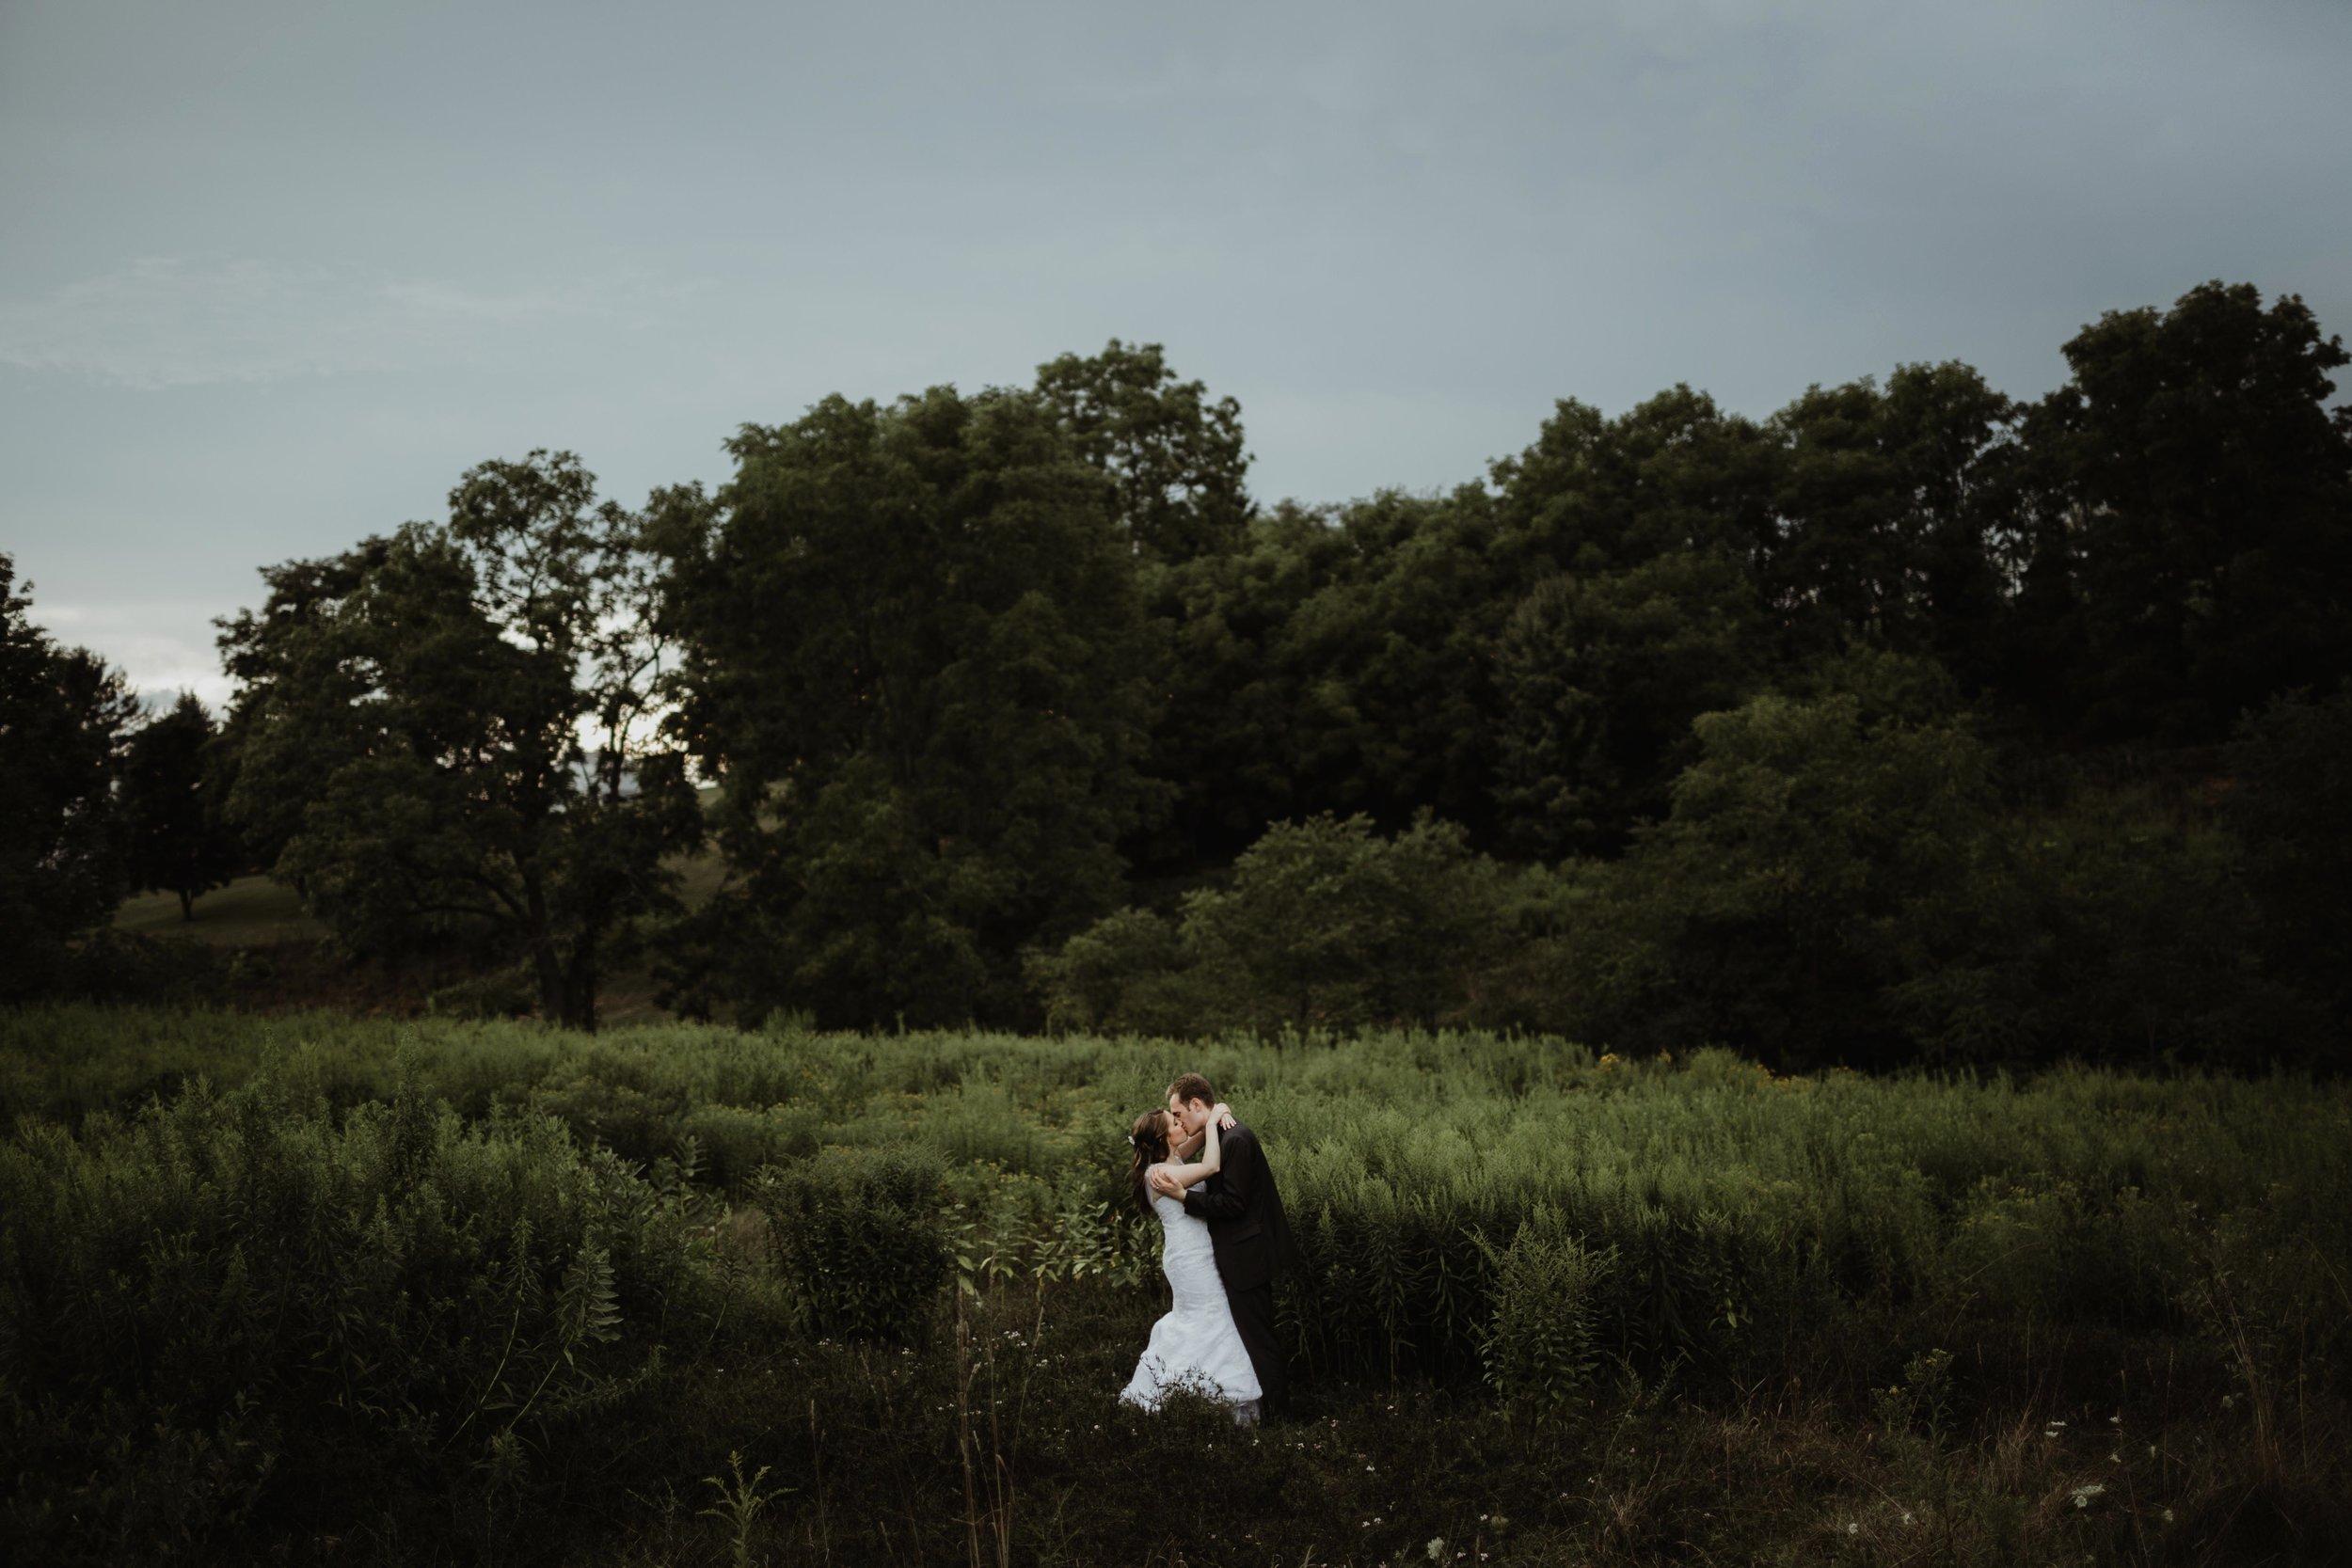 ALICIAandPETER-bridegroom (215 of 254).jpg